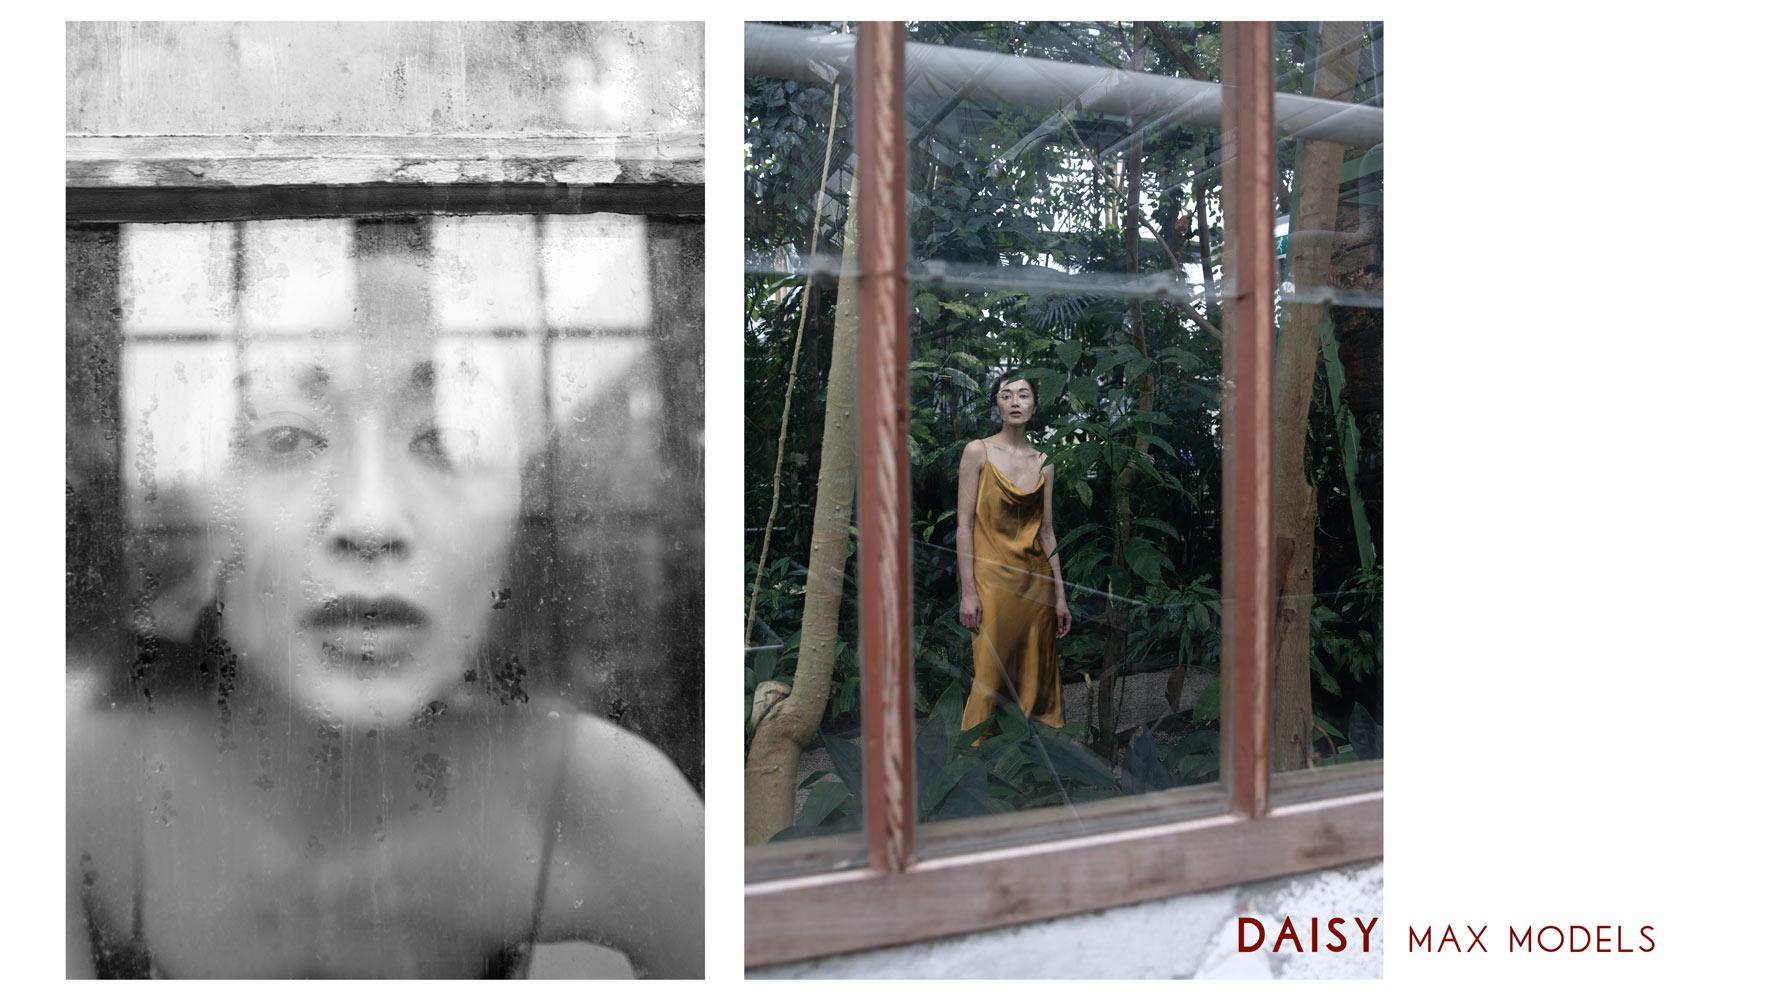 Daisy – Max Models